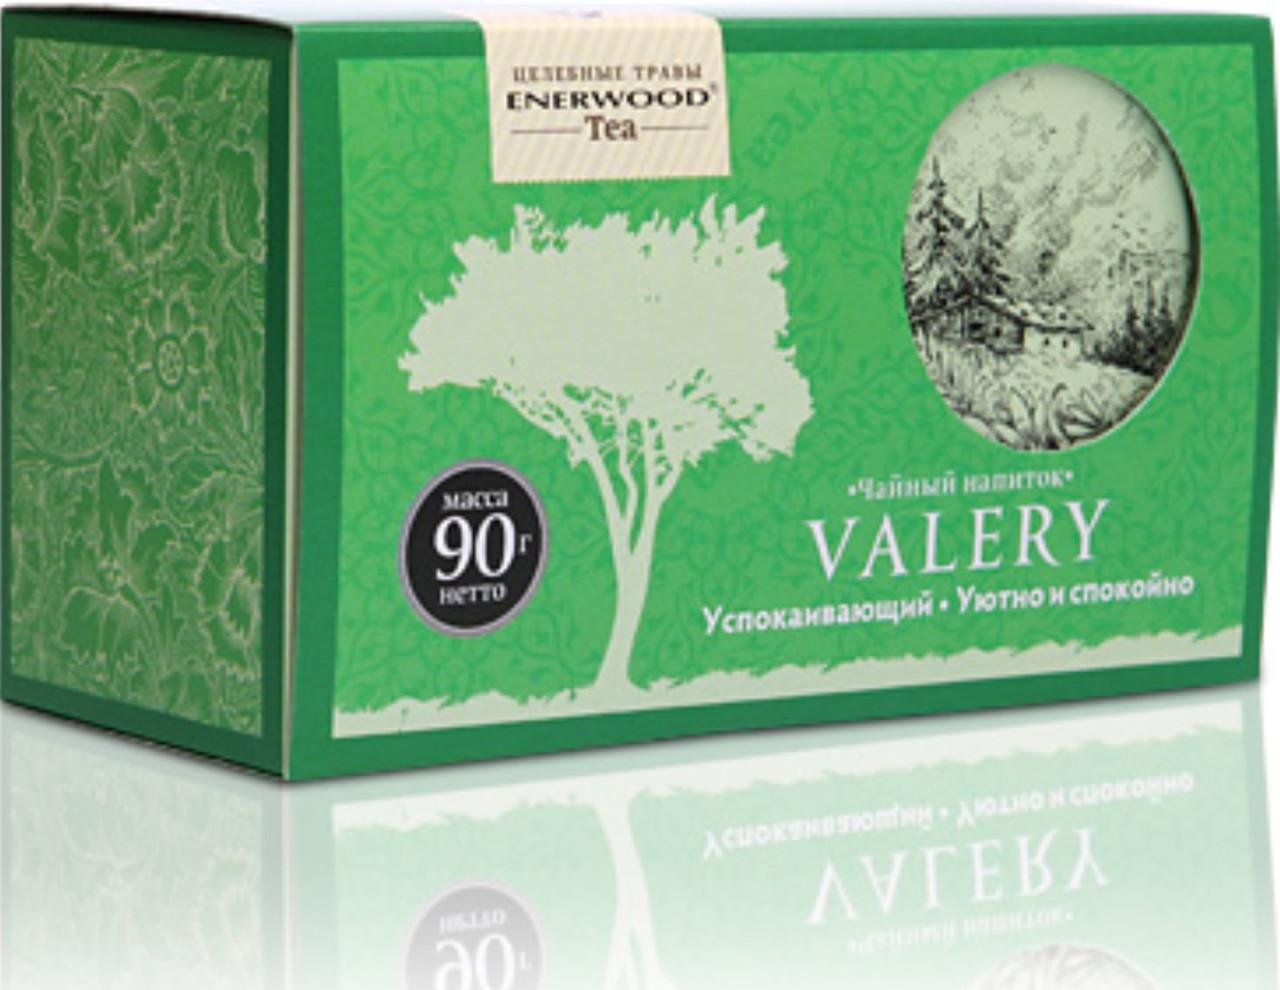 Valery Успокаивающий чайный напиток